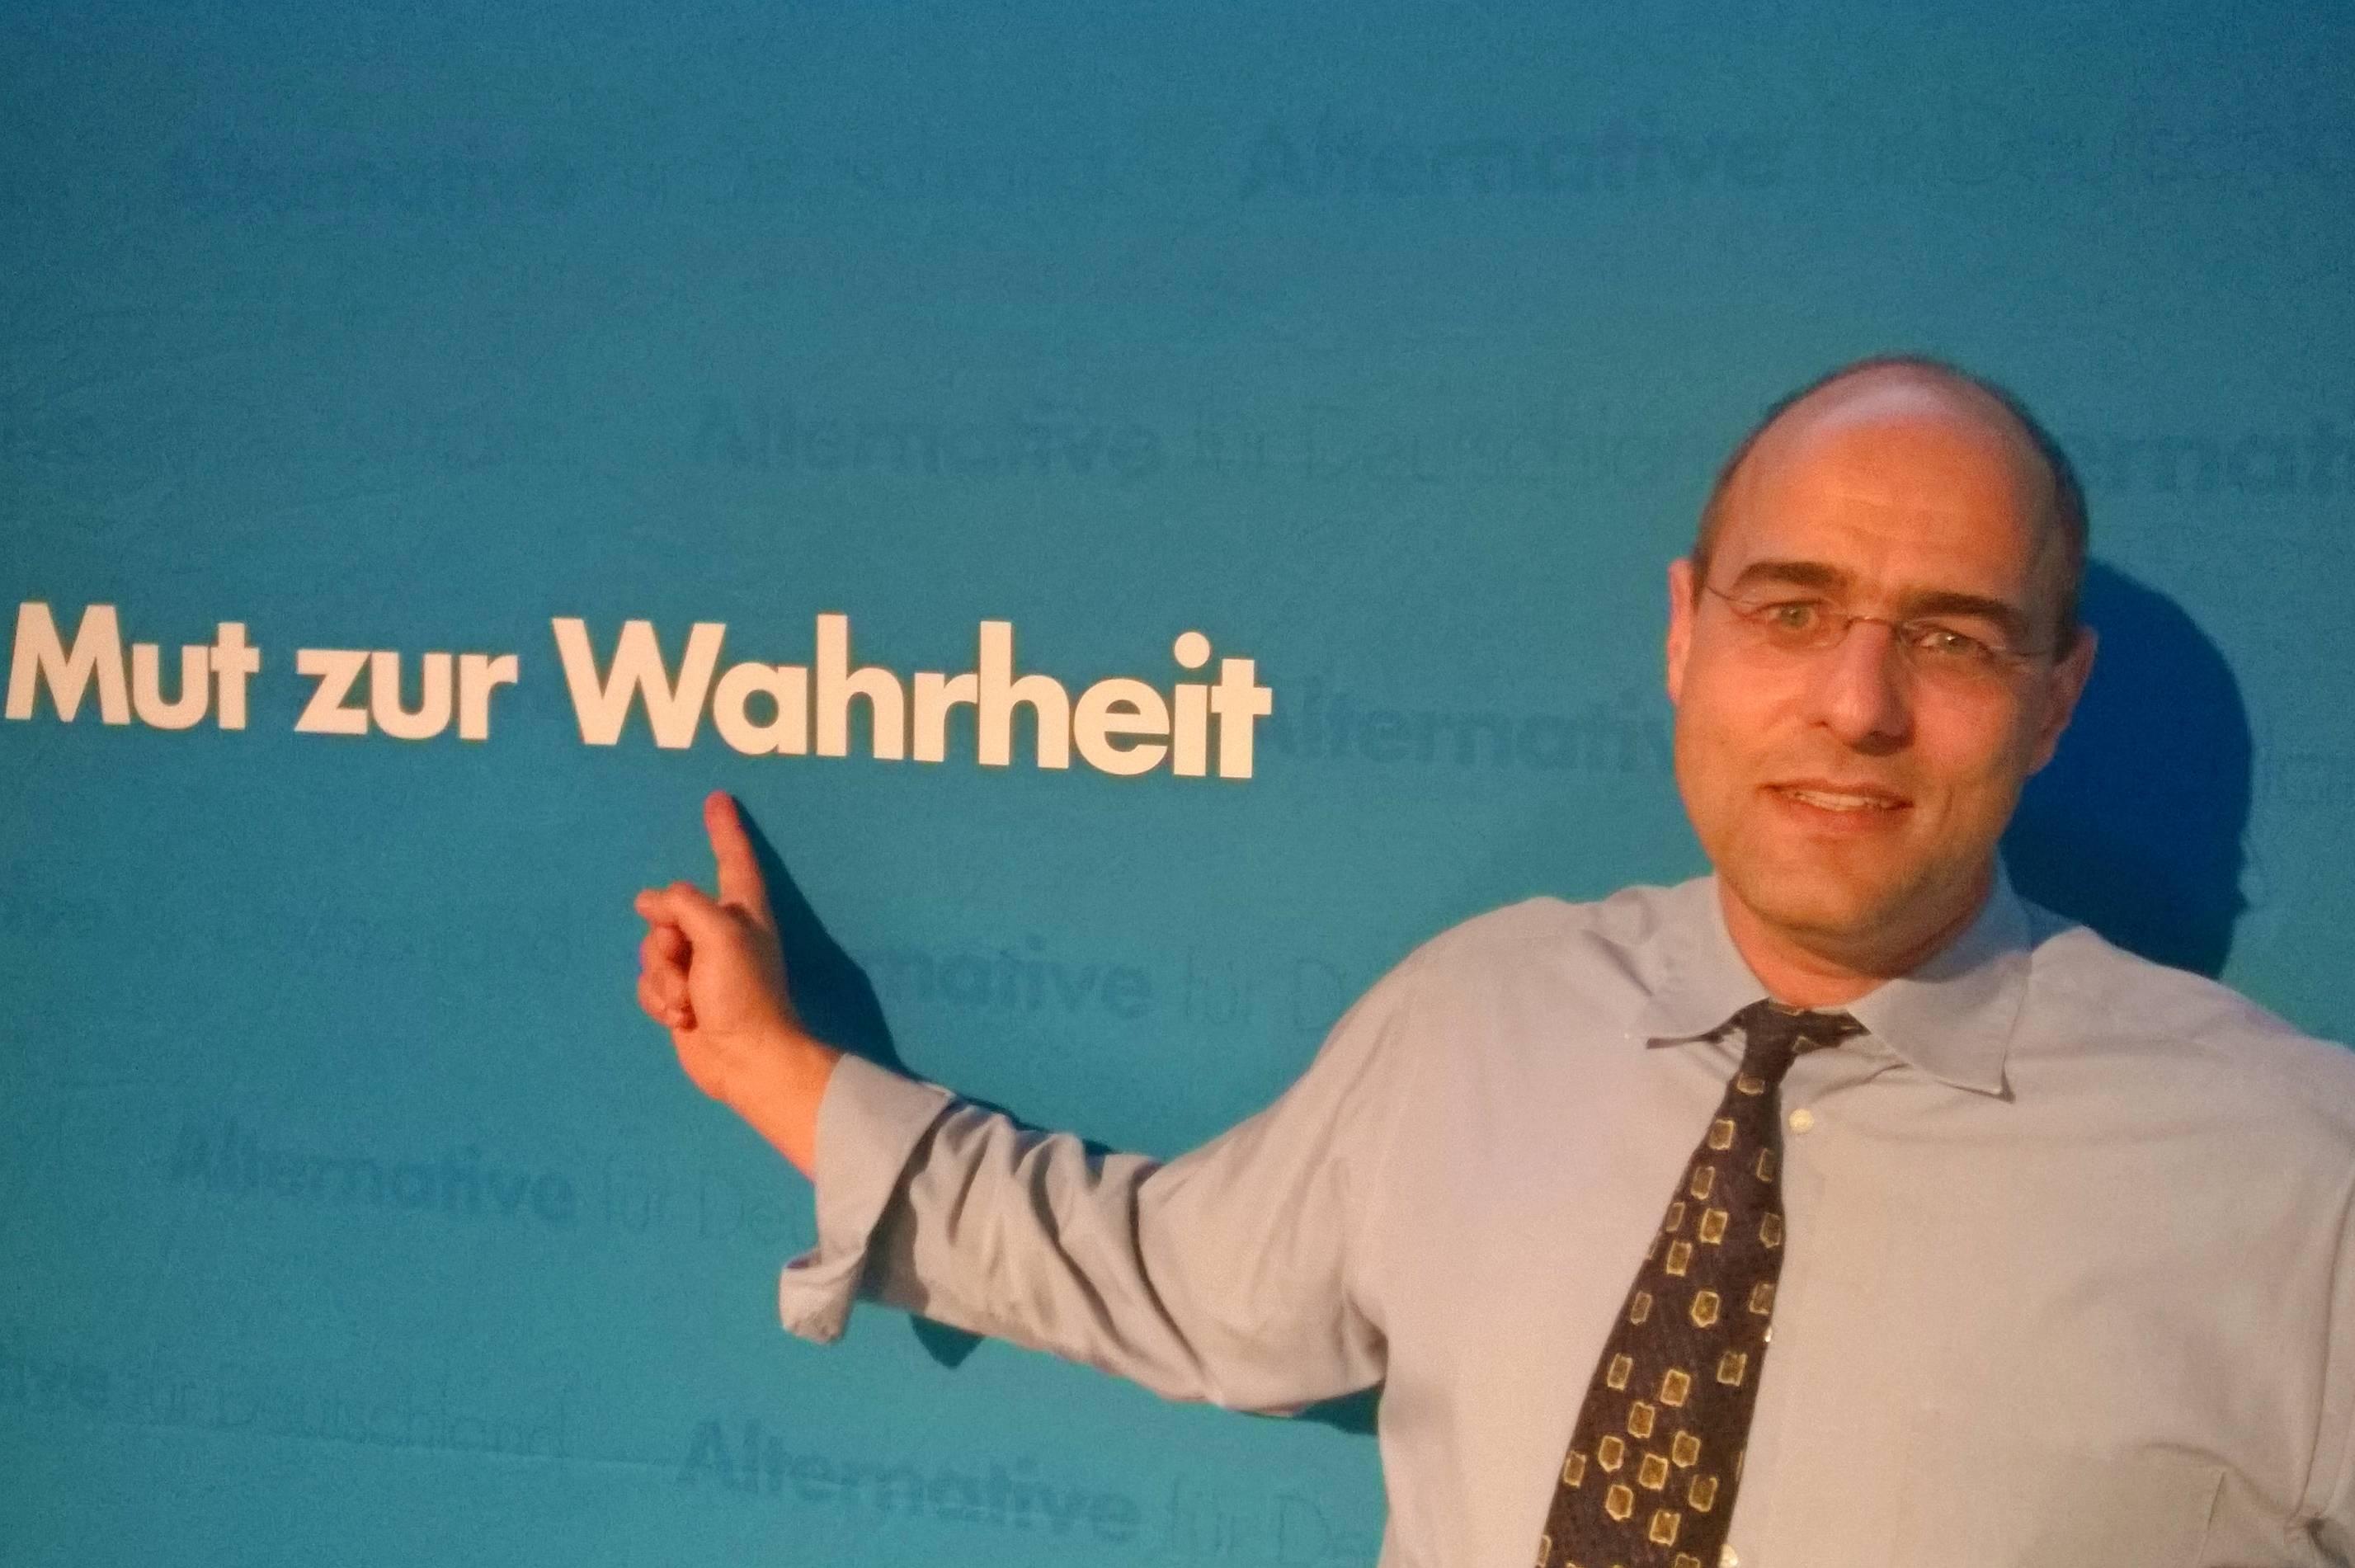 Mut zur Wahrheit Peter Boehringer